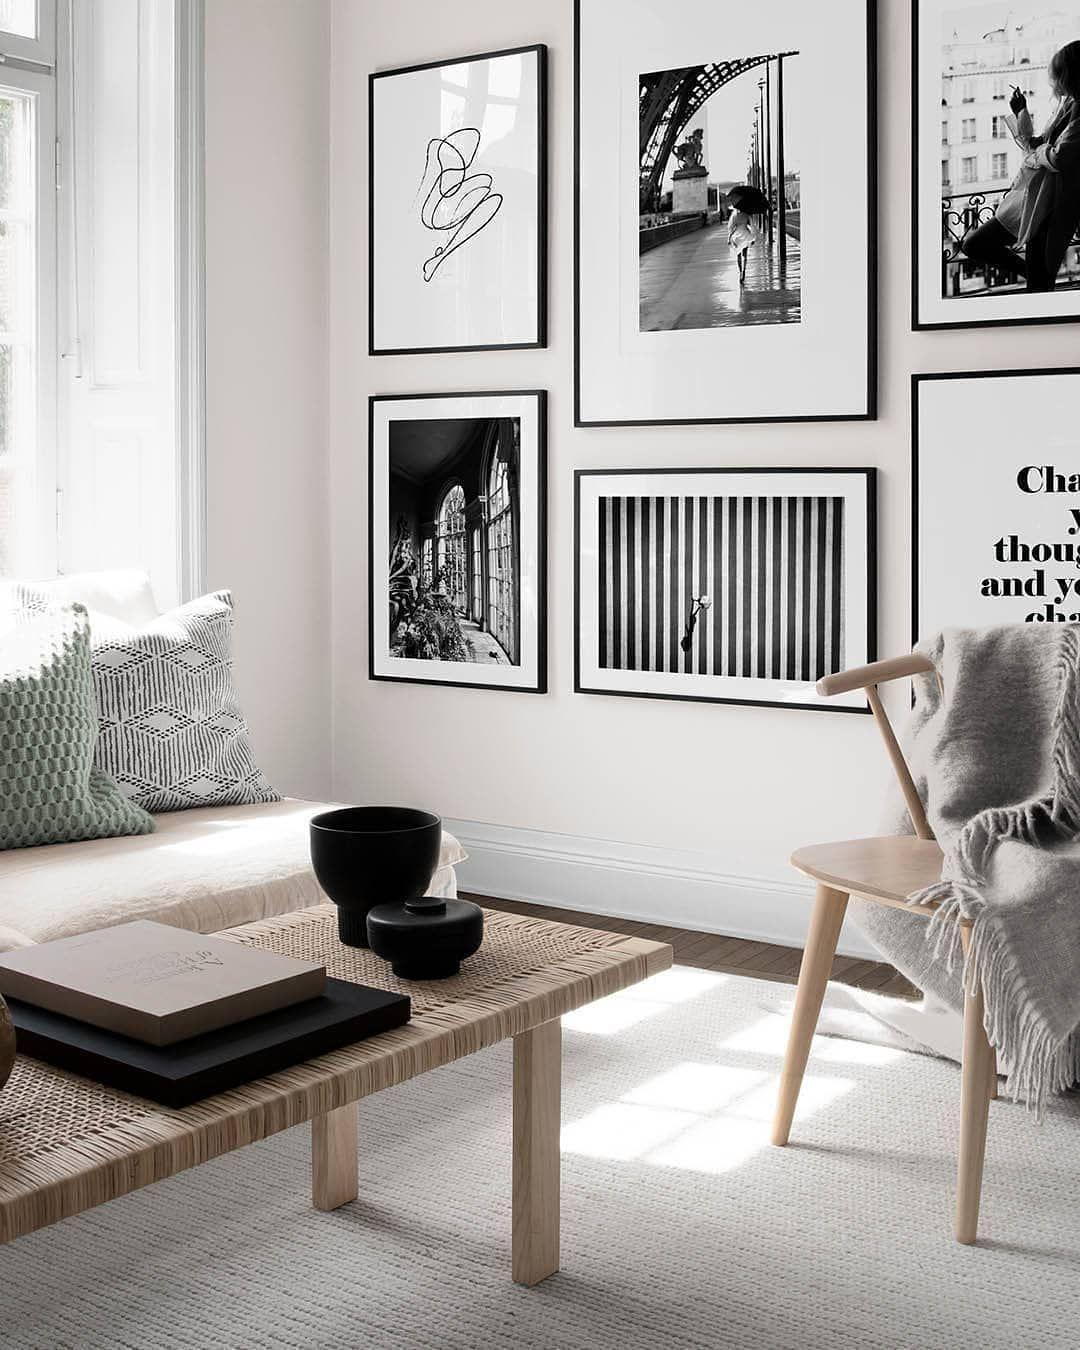 Courtney Schrank Design Studio On Instagram Gallery Wall Scandinavian Neutrals And Minimalist Design Csdsinspo Desenio Minimalist Design